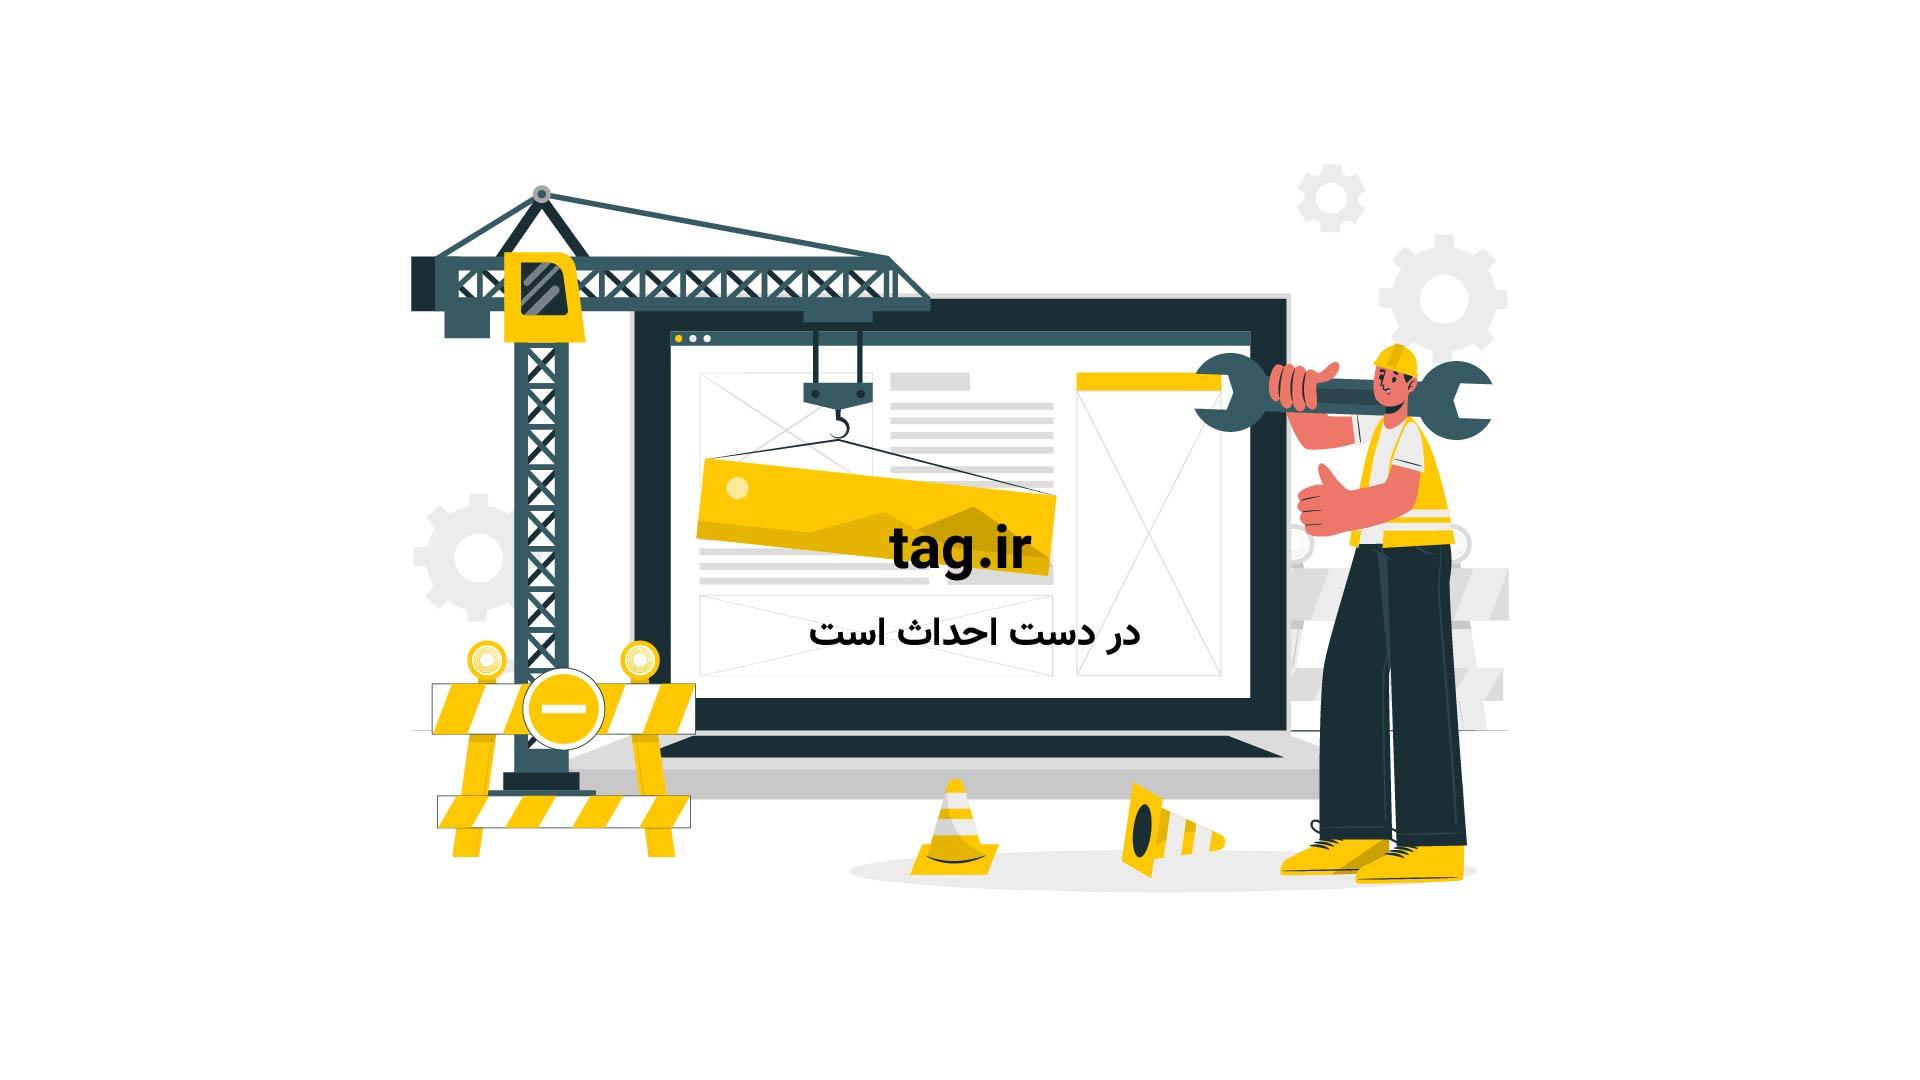 گزارش شاهین صمدپور از حادثه ای تلخ و دردناک برای دو کودک در یک مطب دندانپزشکی | فیلم